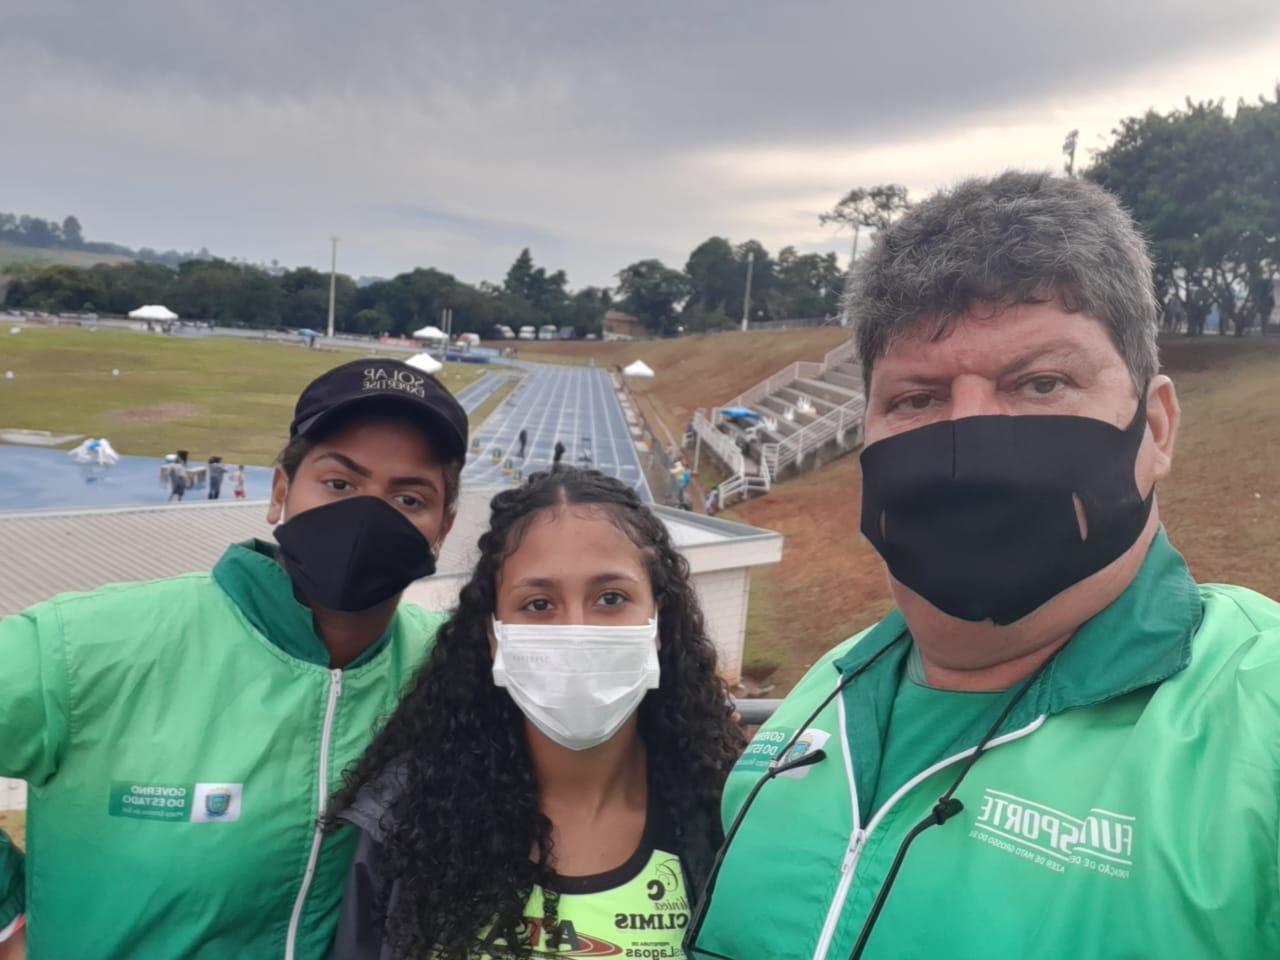 Ana Laura e Camila Inês quebram recorde pessoal e ficam entre as 10 melhores do País no Campeonato Brasileiro de Atletismo sub-20